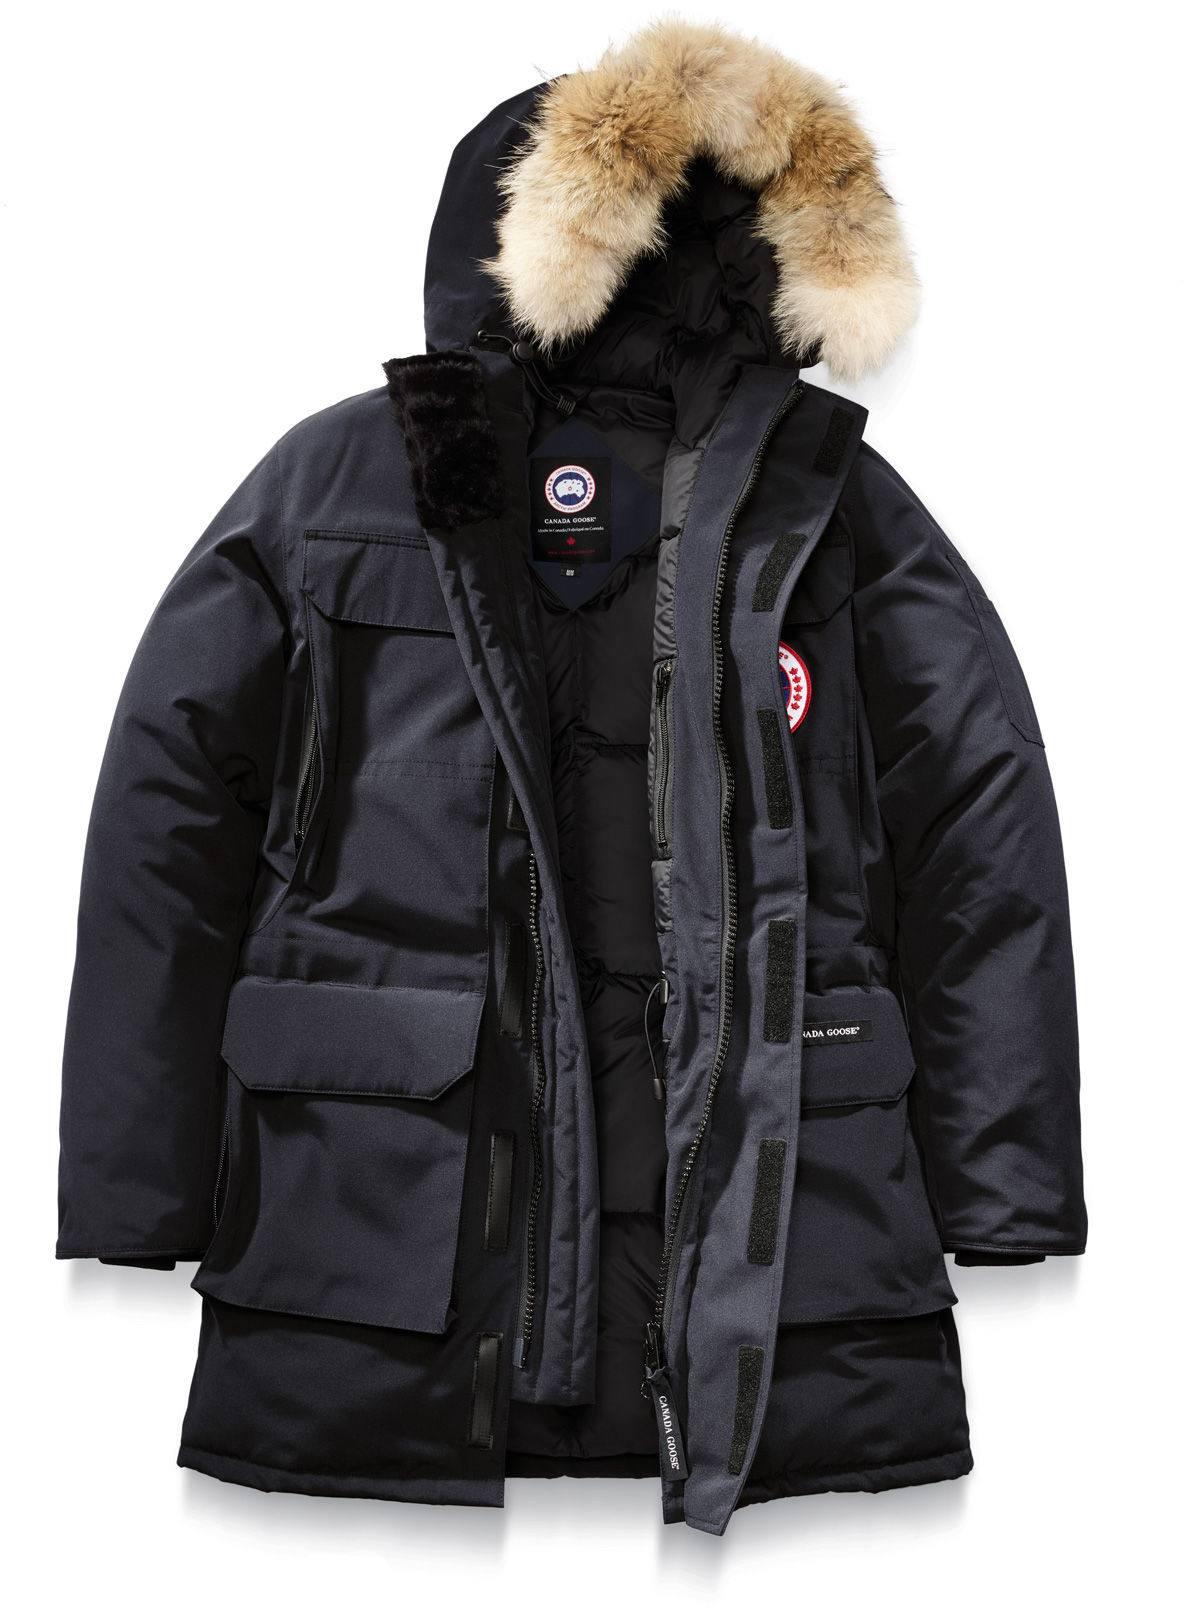 Children S Winter Jackets